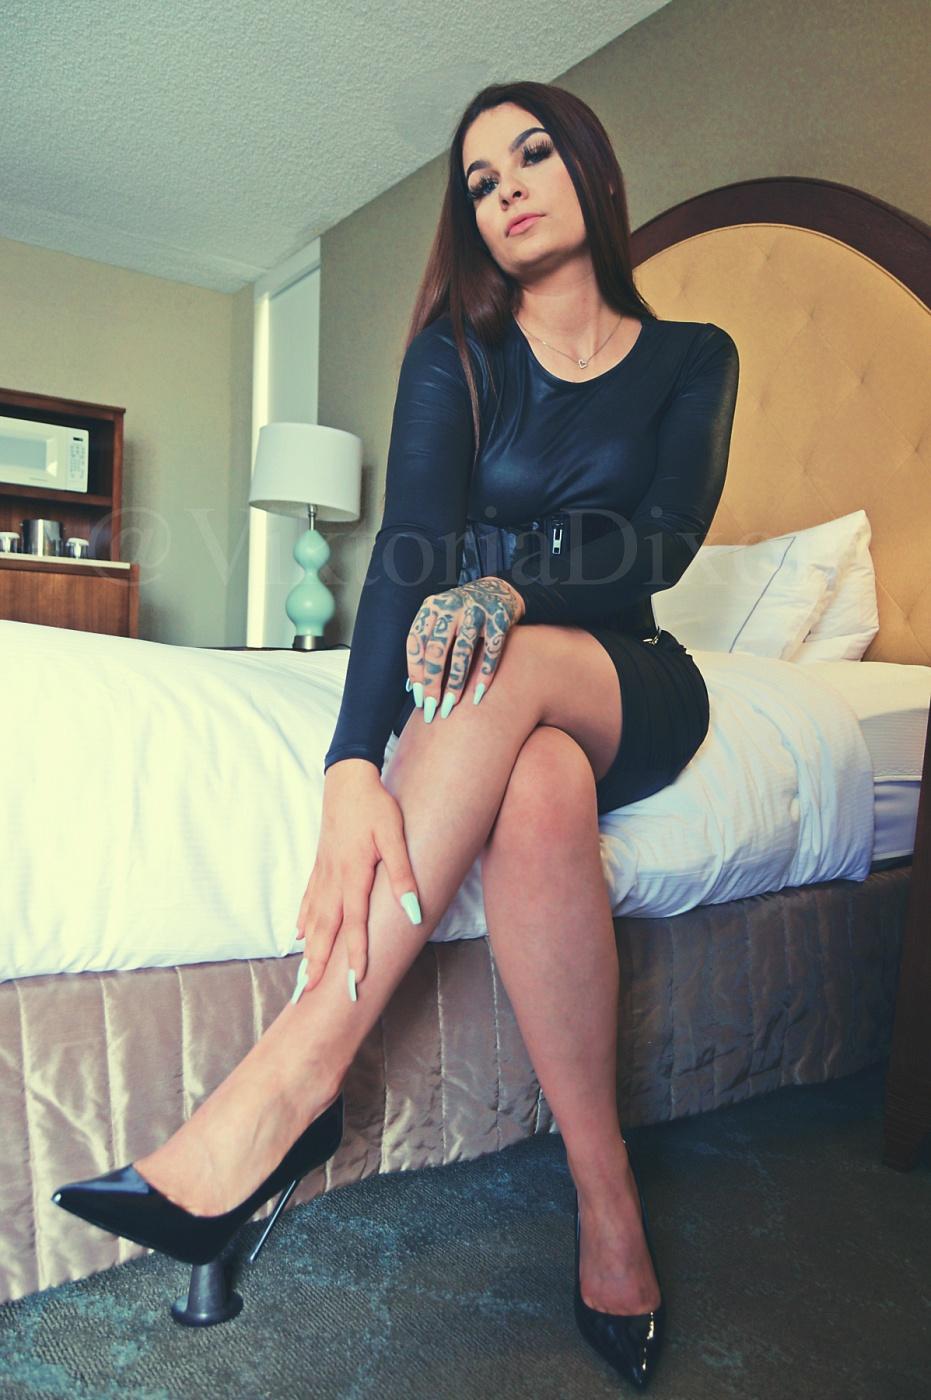 Viktoria Dixon